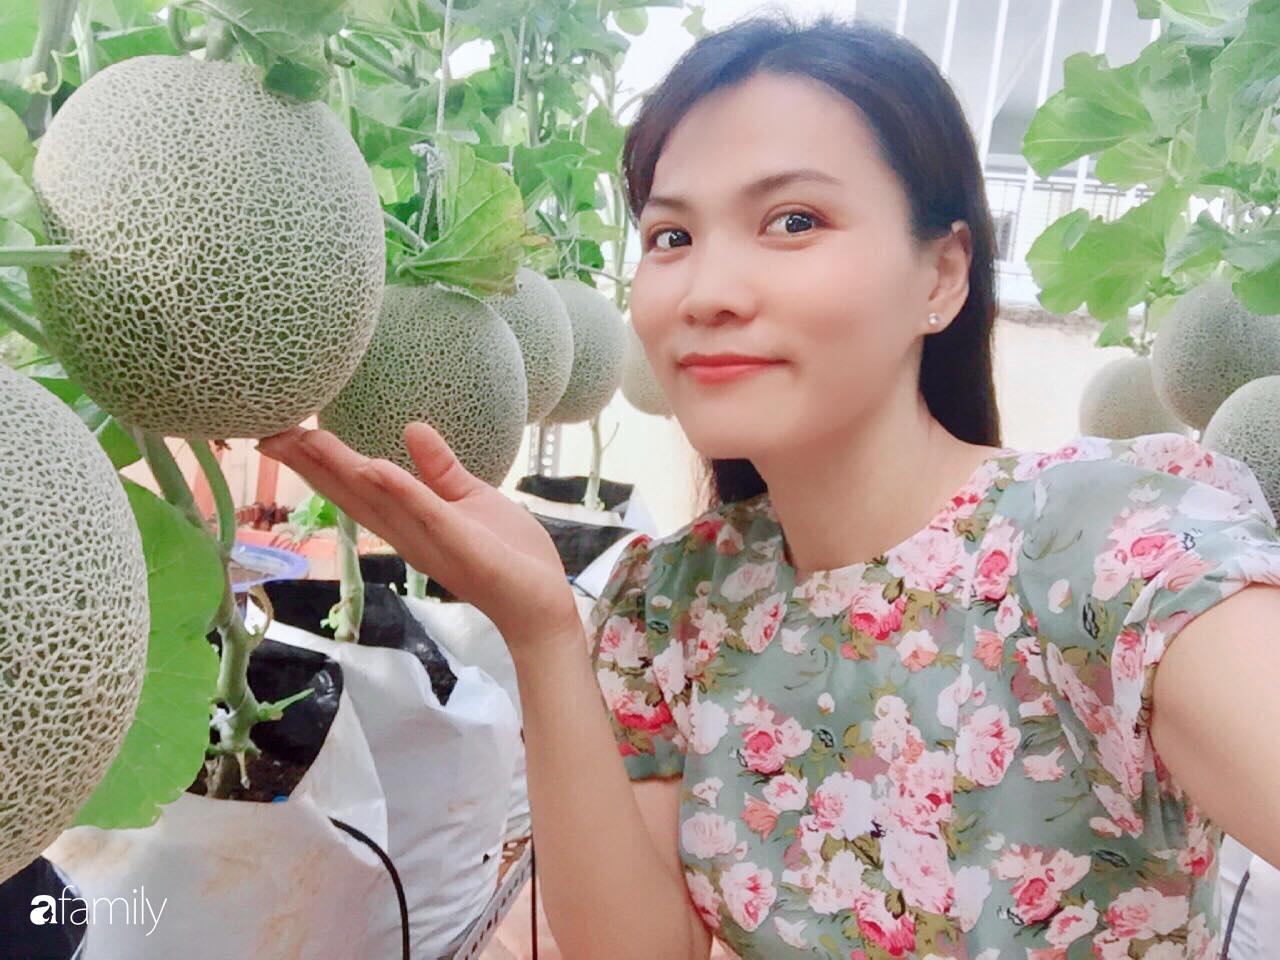 """Gặp """"siêu nhân"""" trồng dưa trên sân thượng với kinh nghiệm đáng ngưỡng mộ ở Sài Gòn - Ảnh 1."""